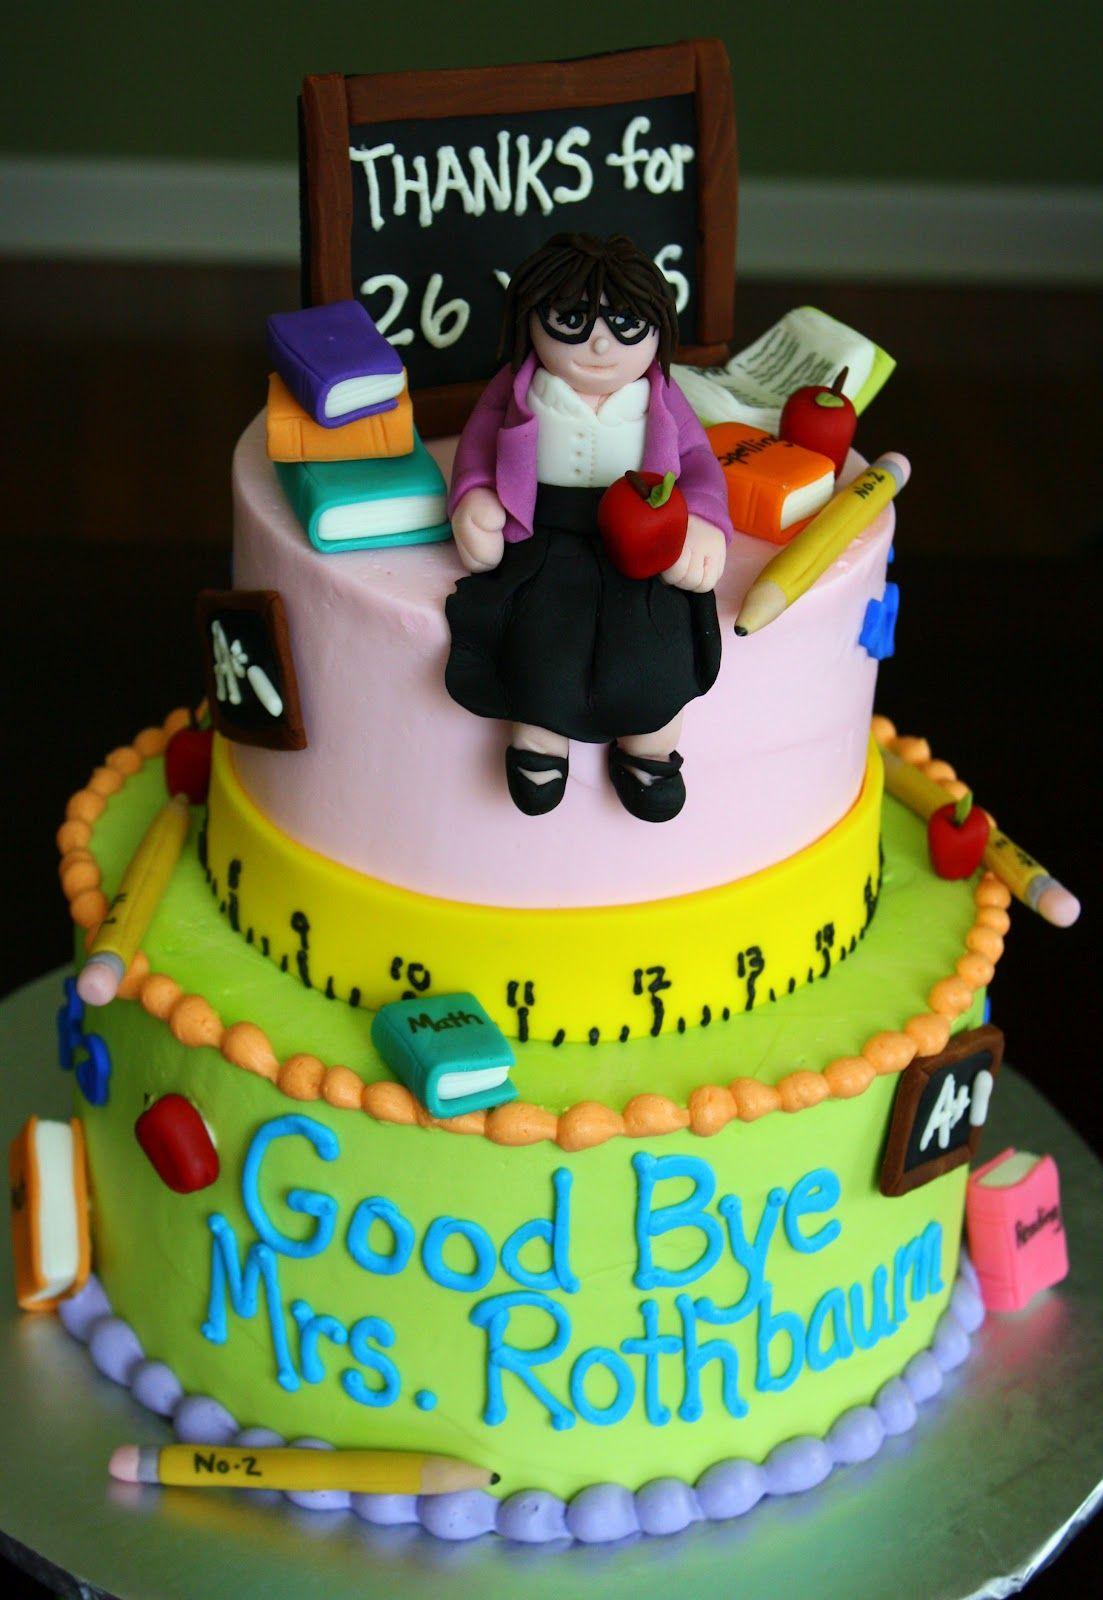 Claudine happy retirement cake retirement party cakes